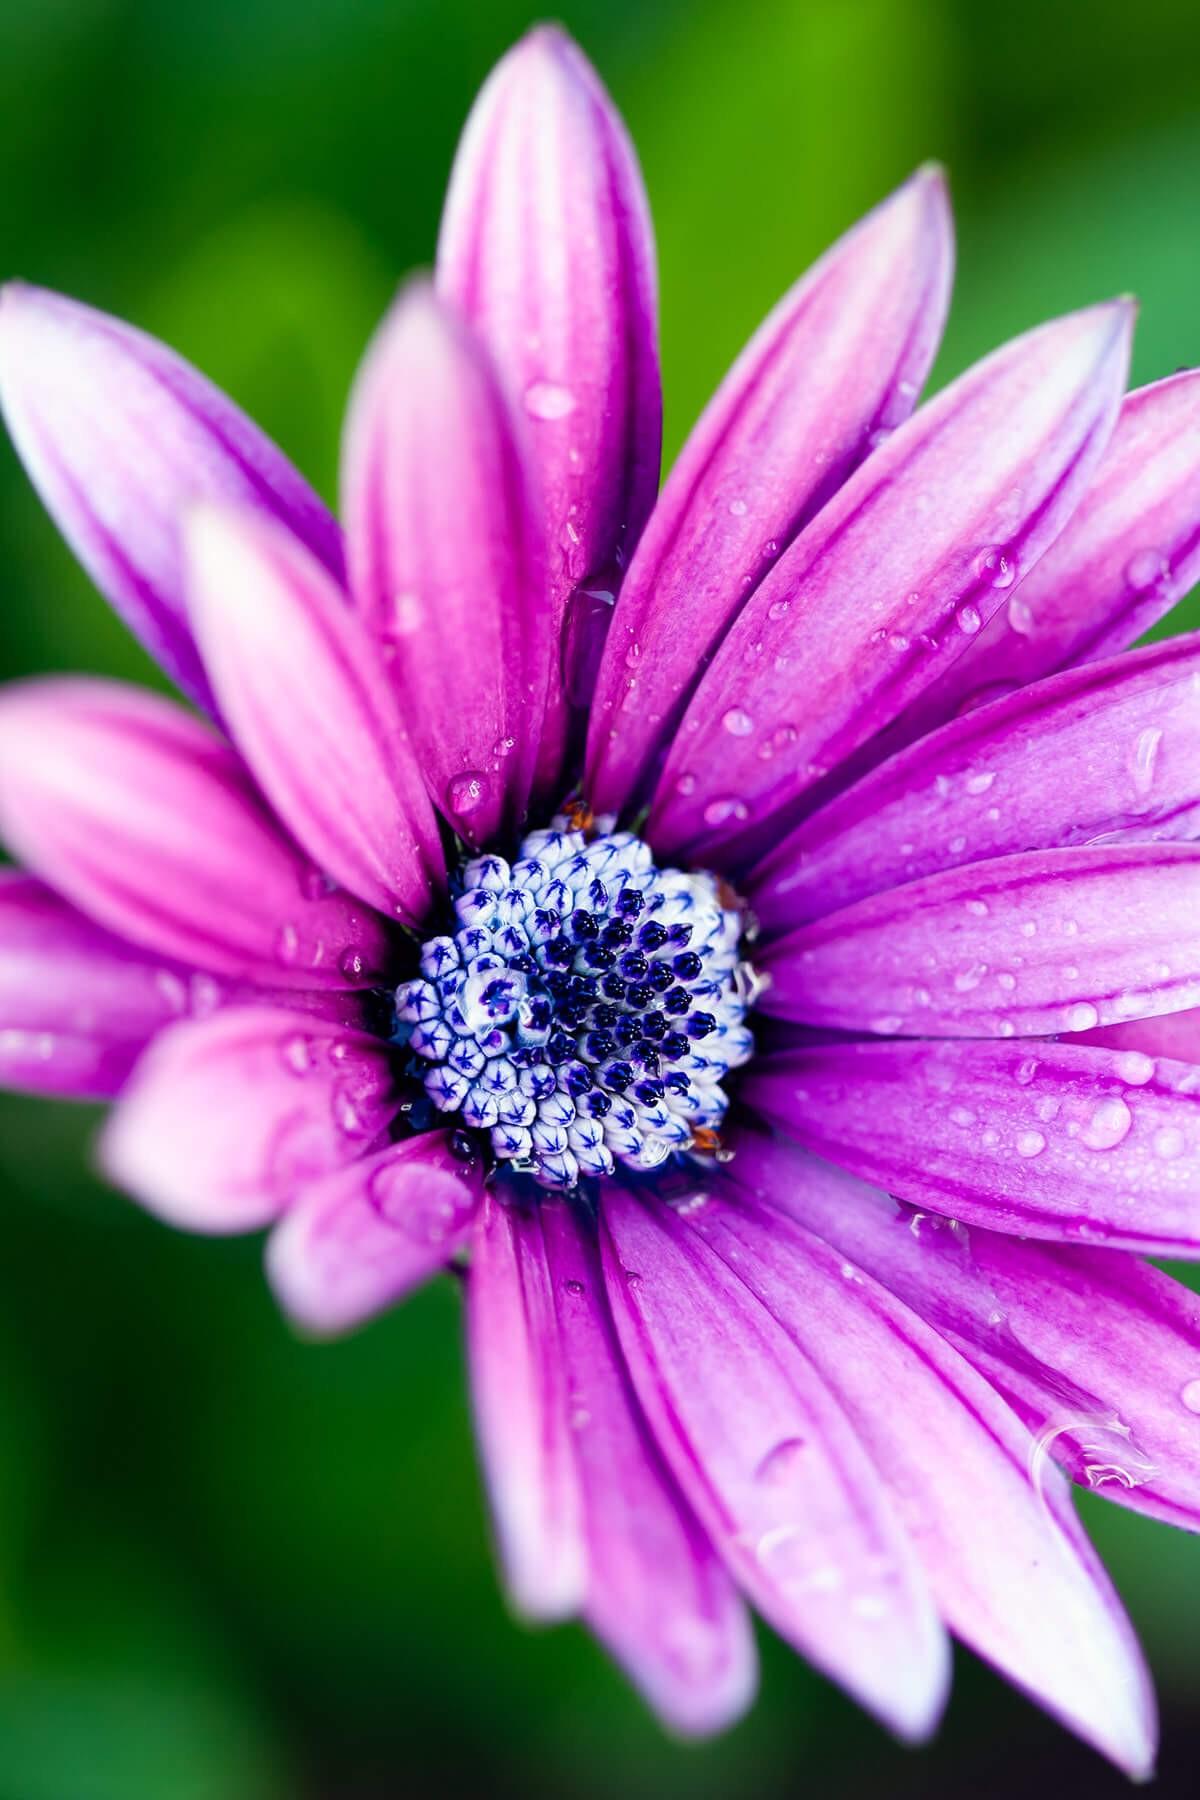 Purple Daisy HD wallpaper for Kindle Fire HDX   HDwallpapersnet 1200x1800